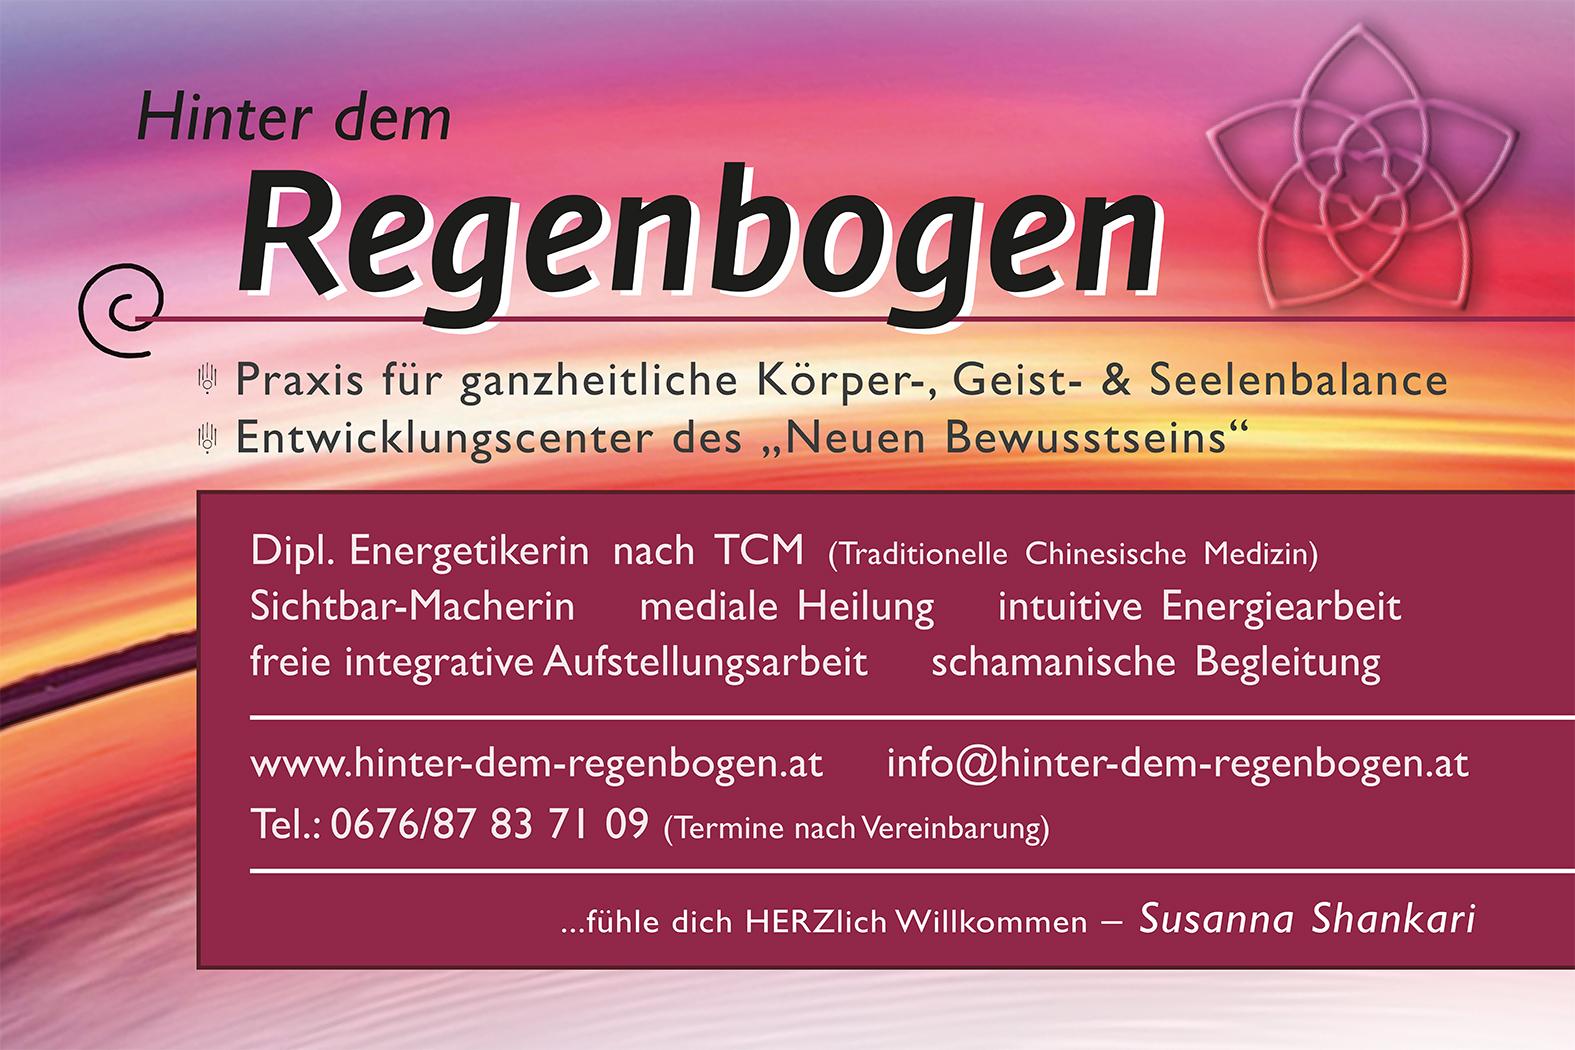 """Wandtafel für Haus-Außen ... Susanna Shankari ... Praxis """"Hinter dem Regenbogen"""" in Pregarten"""